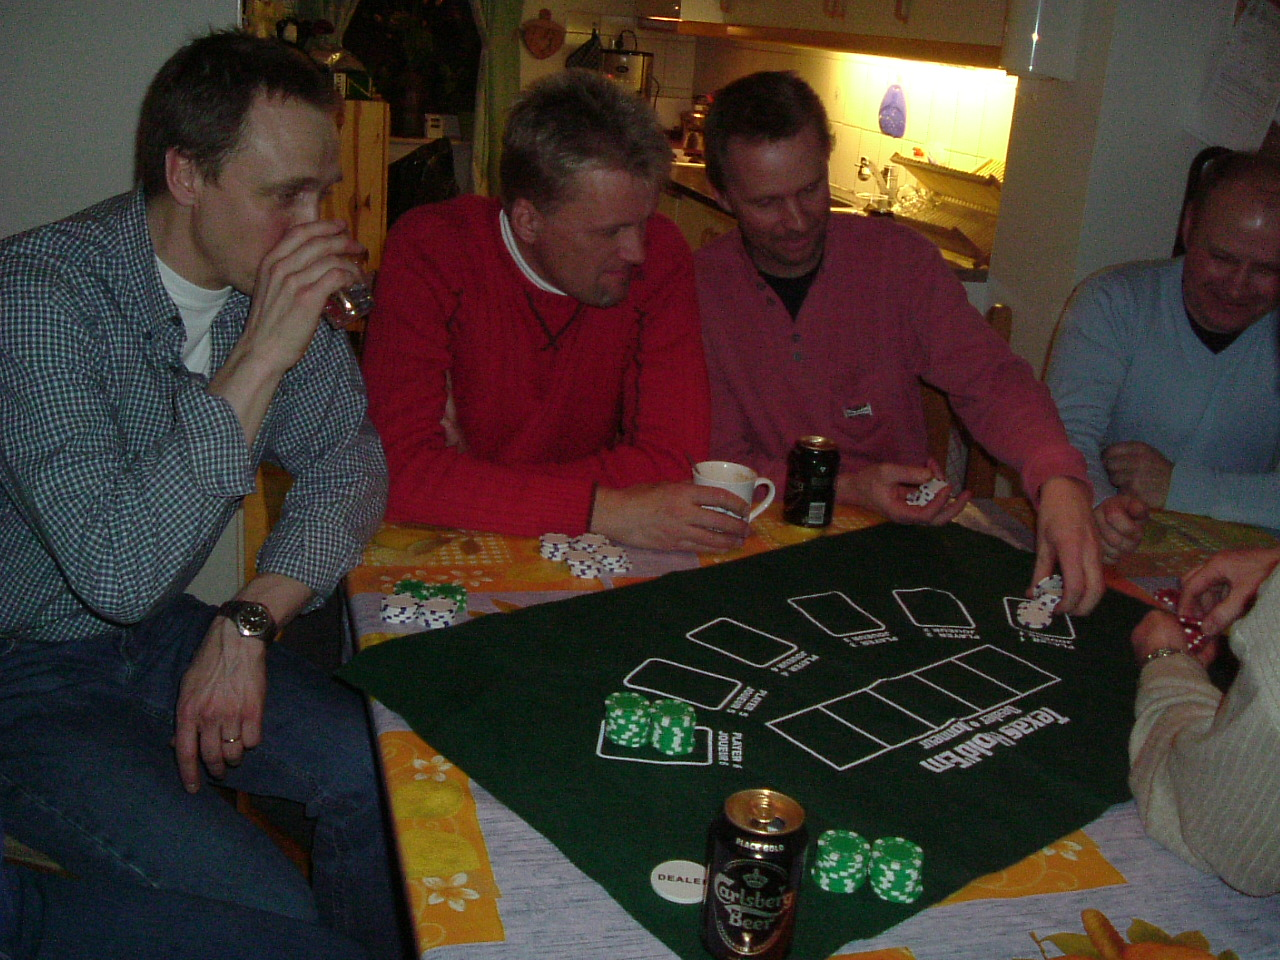 kvarnstensbockarna.se/image/bilder/2003/Träff hos Uffe 2003-03-18/Bild 02. Kvällens spel.jpg